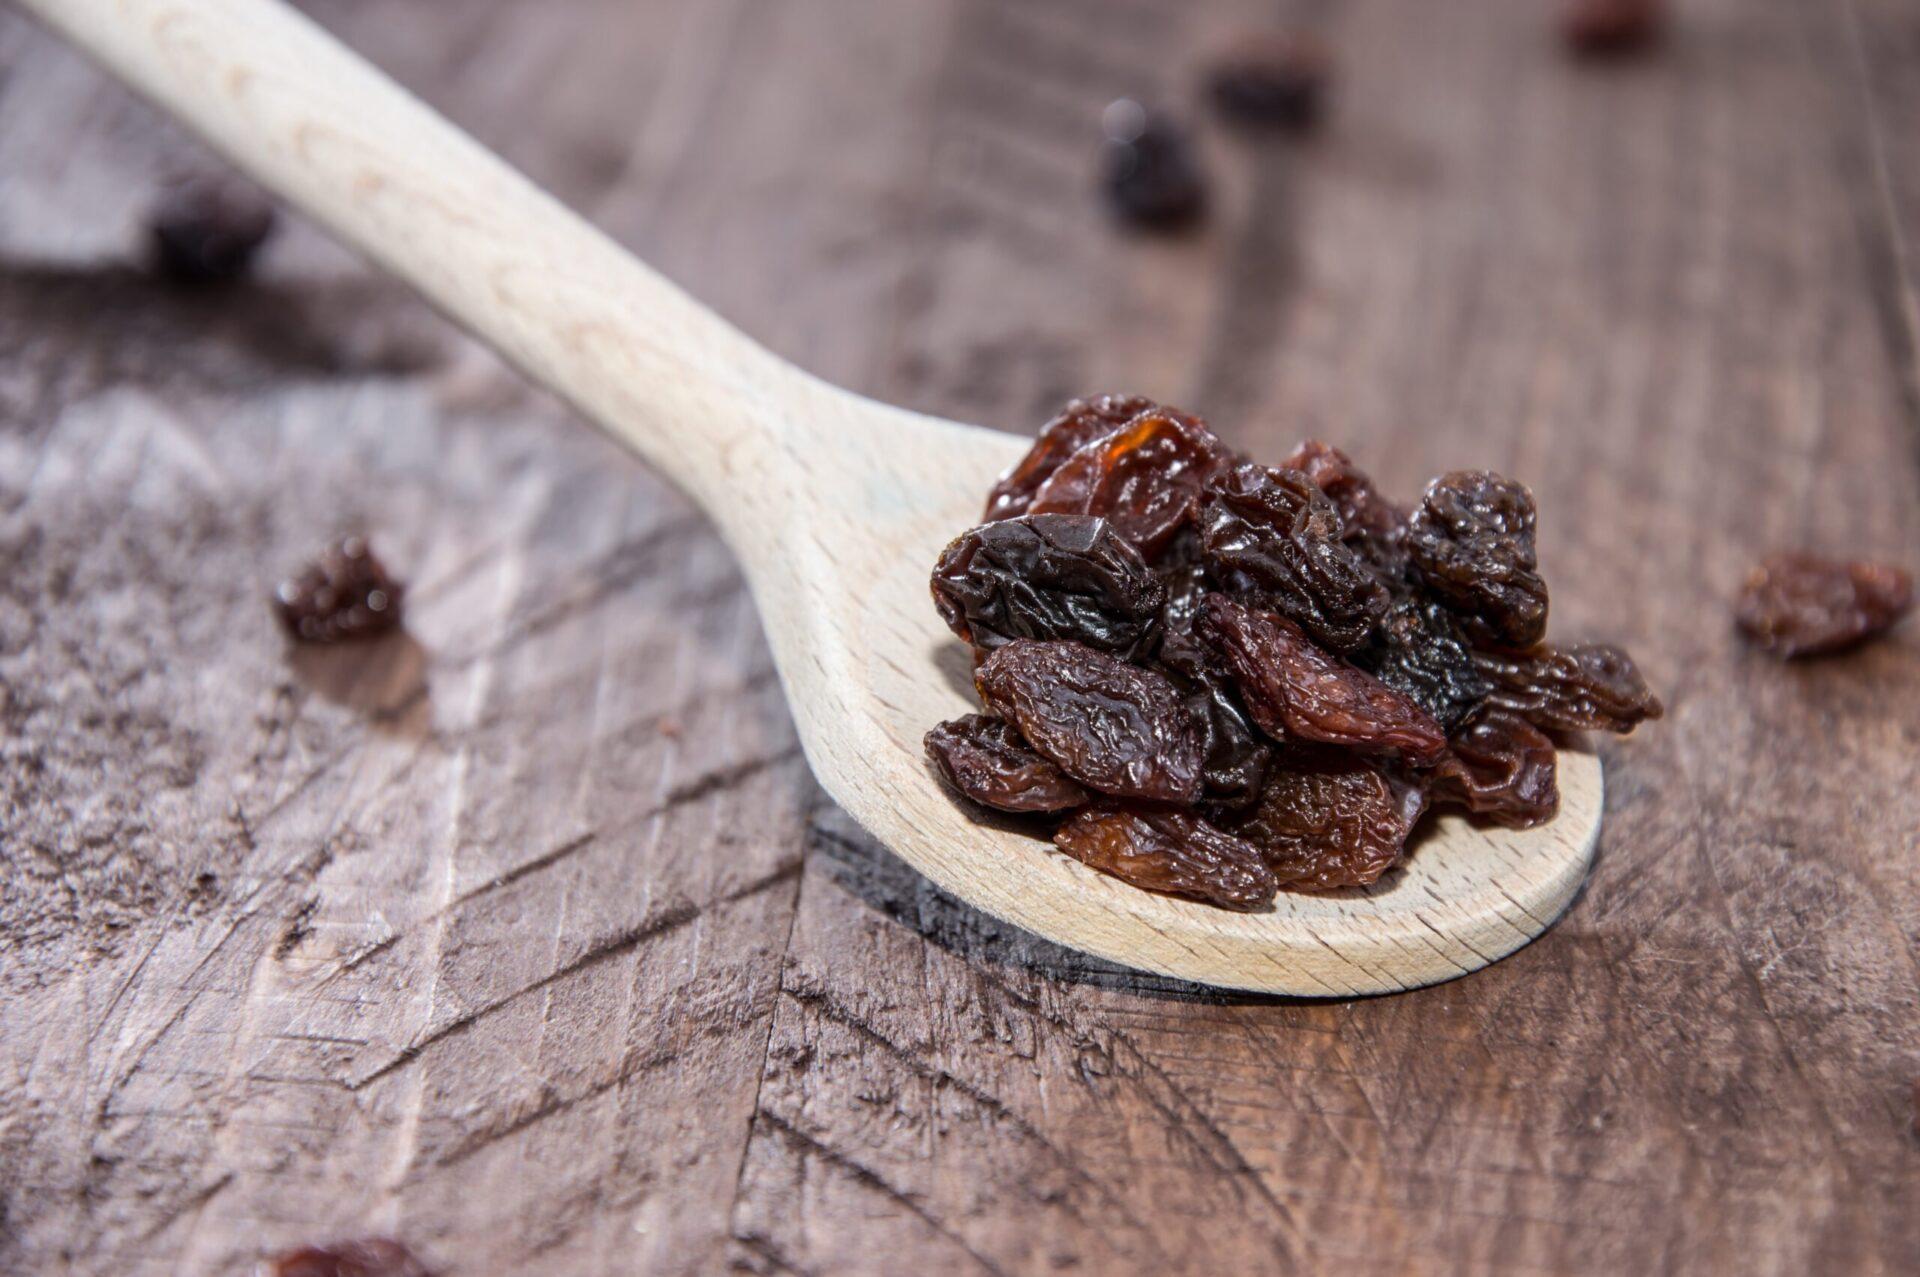 Raisins on a wooden spoon on wood